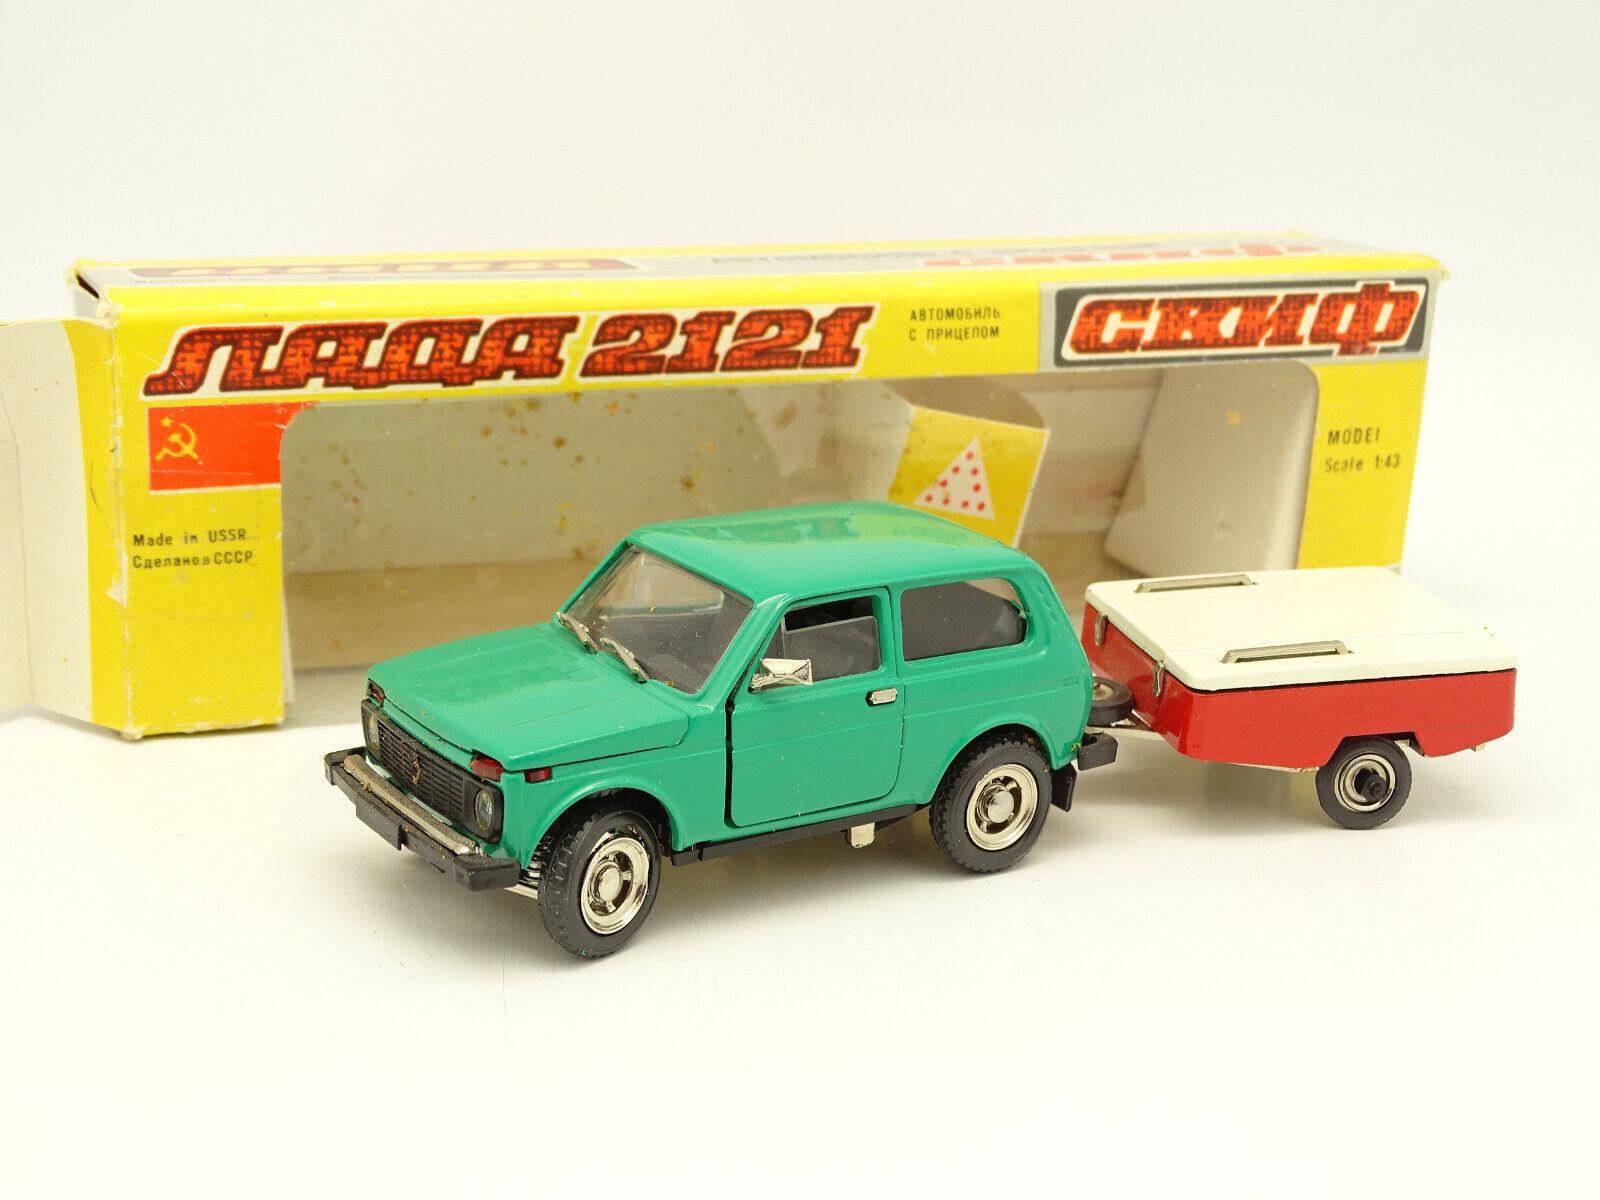 UDSSR Saratow 1 43 - Lada Niva grün + Anhänger Skif Rot